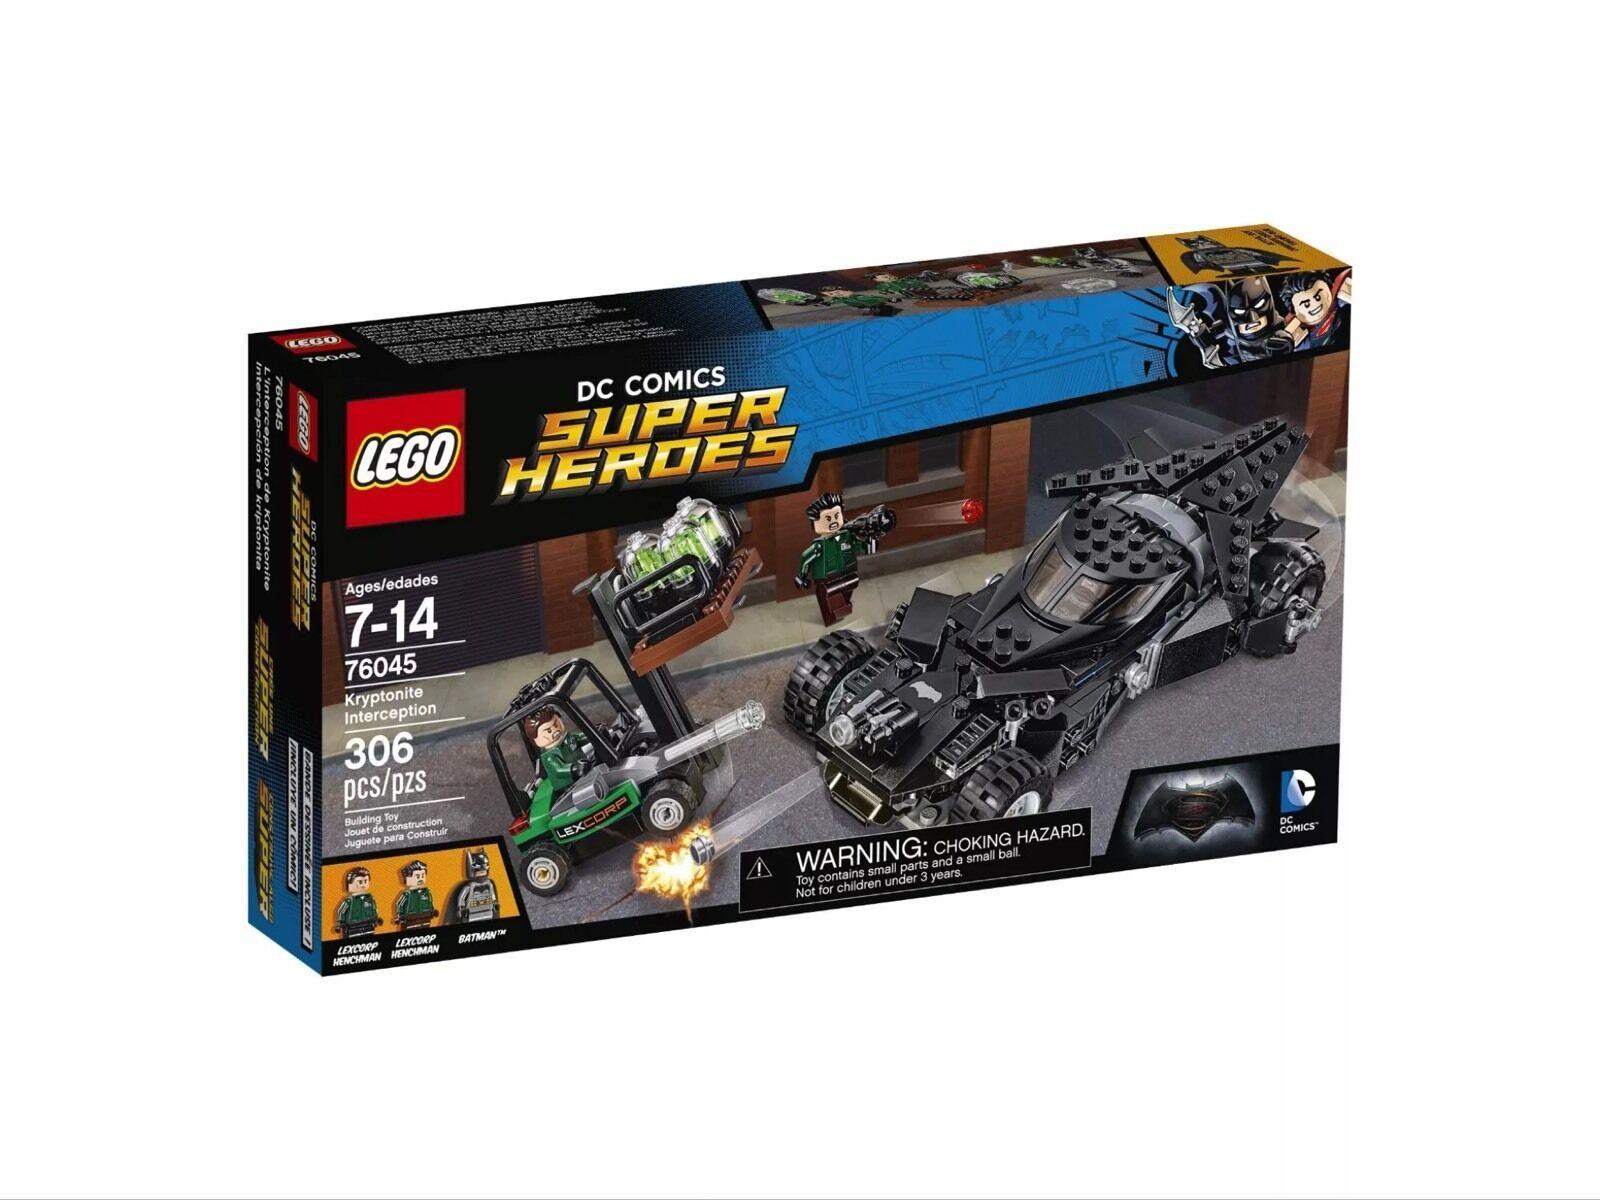 nuovo LEGO DC Comics Super  Heroes Kypyonite Interception 76045 modello 22183167  al prezzo più basso